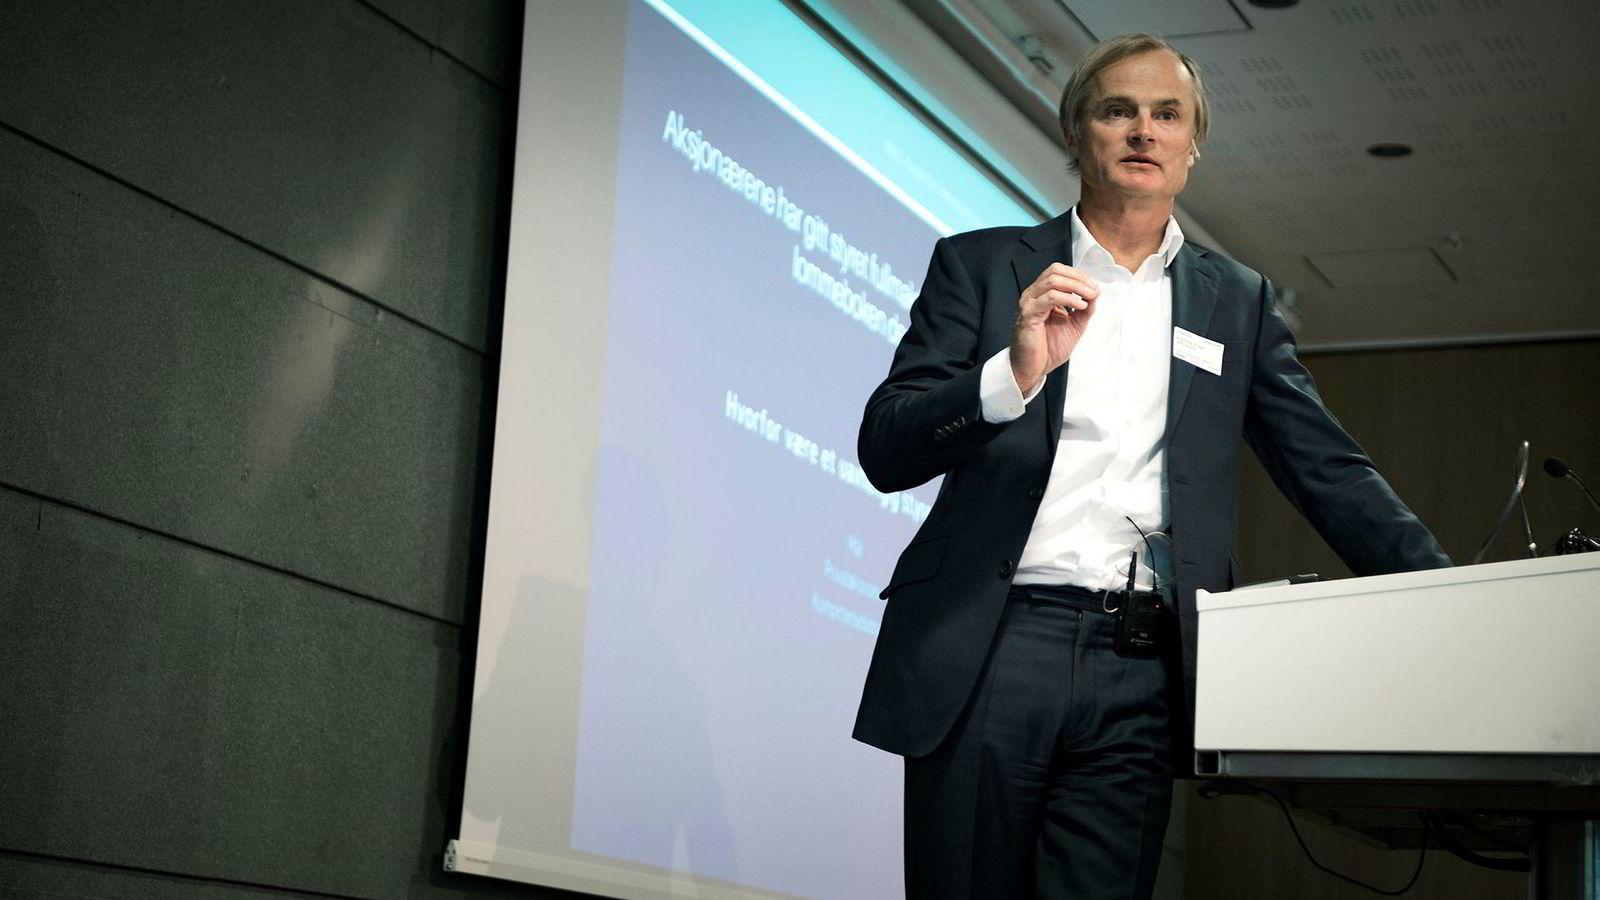 Øystein Stray Spetalens energirådgiver Torbjørn Kjus måtte gå av etter bare ti måneder i jobben i forrige uke.